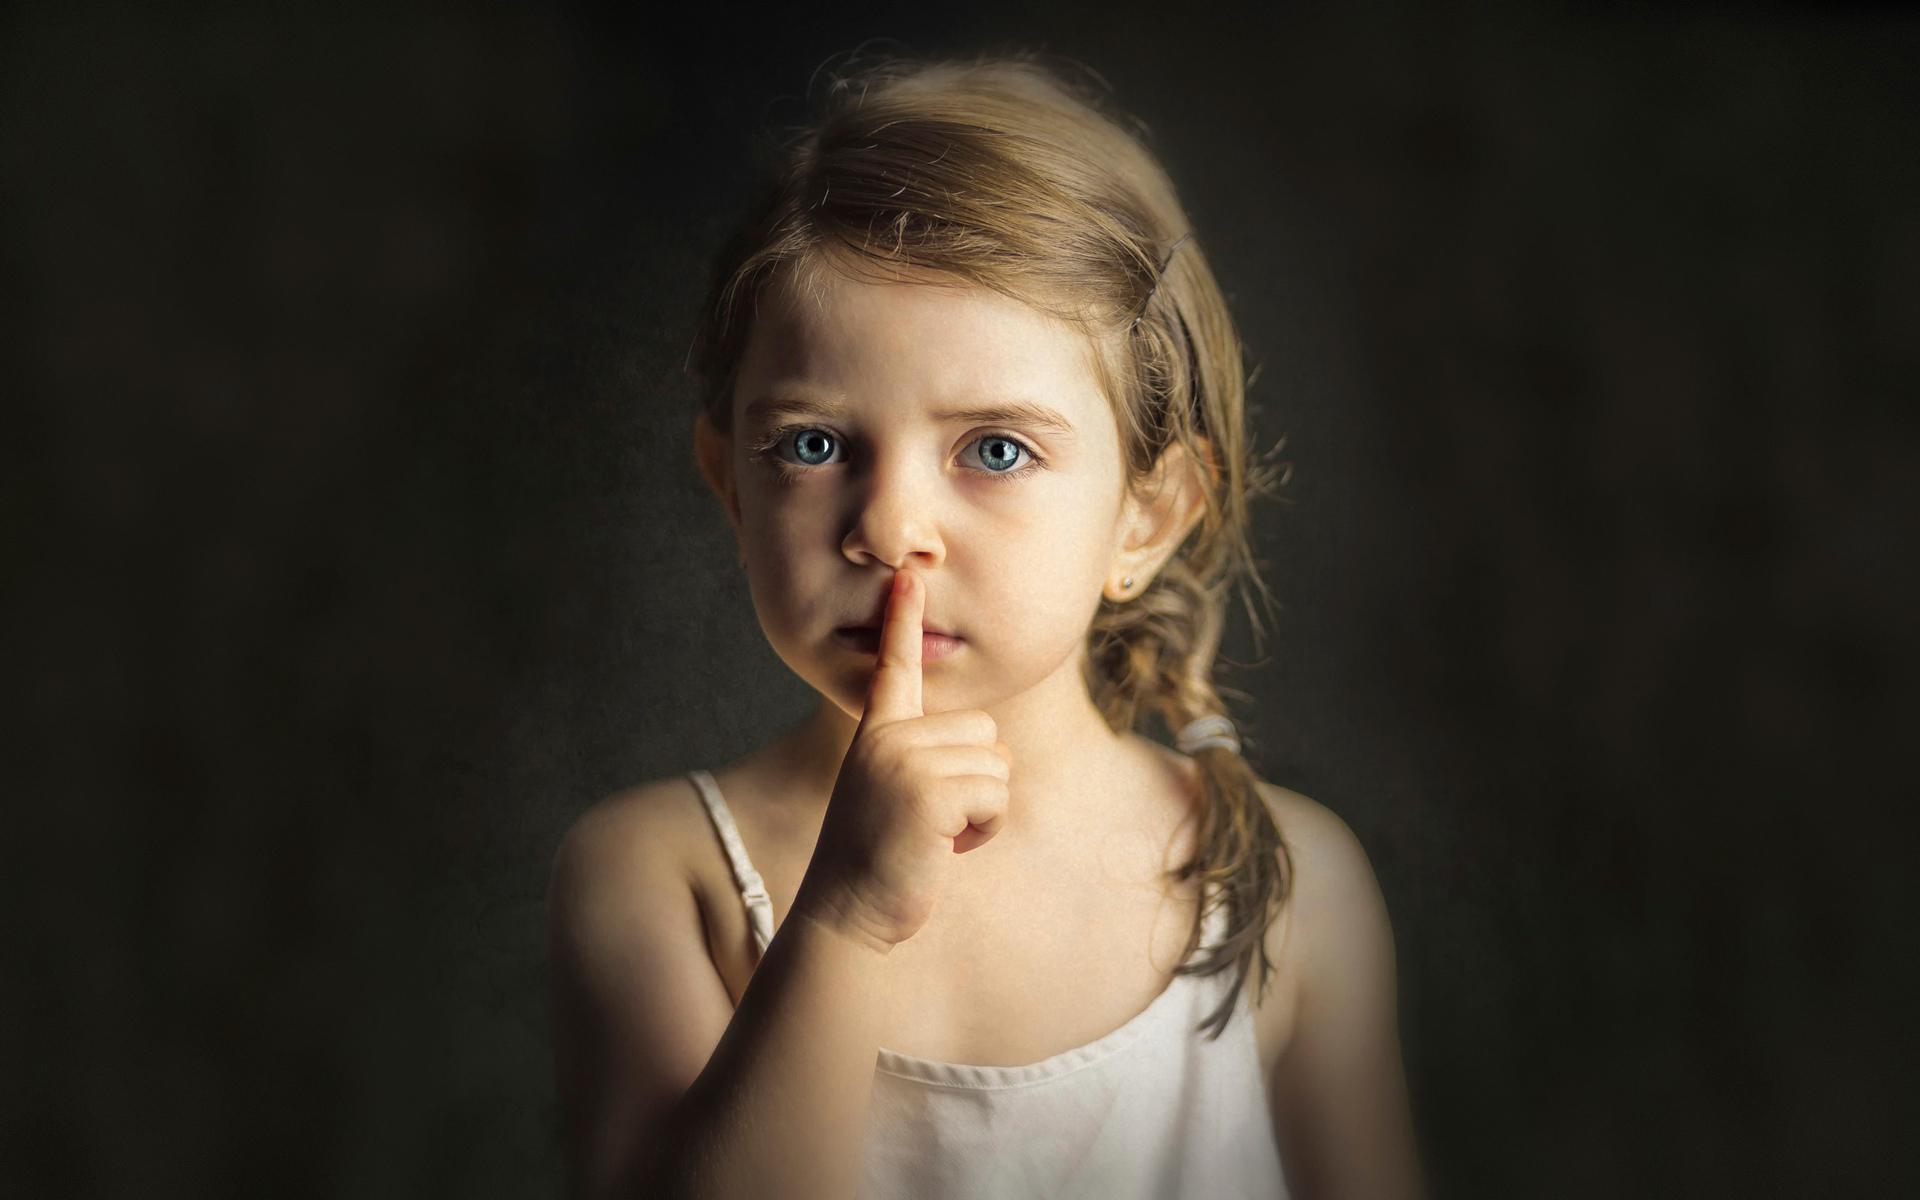 картинки на тему молчания своей работе придерживаемся